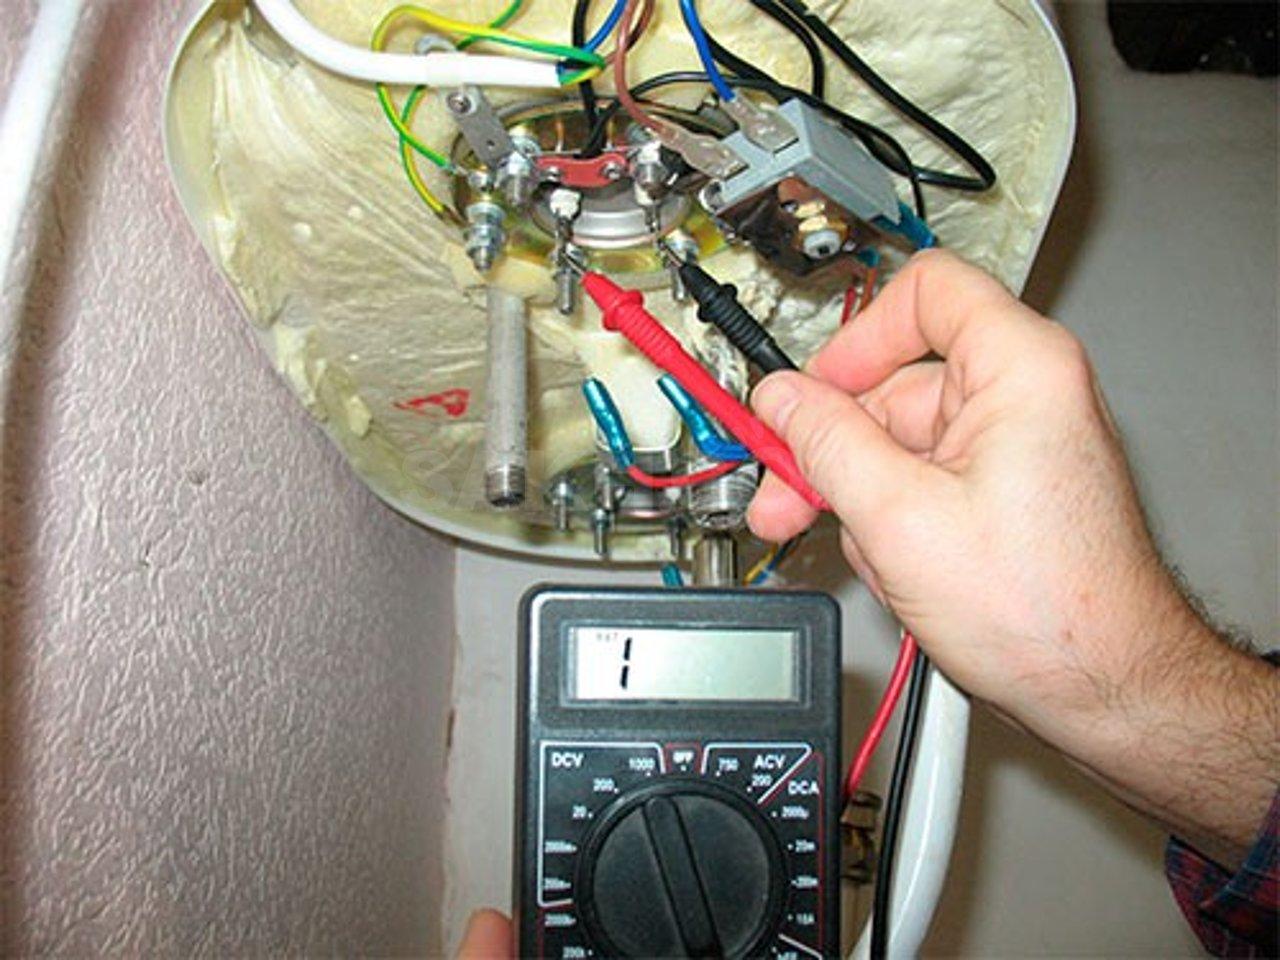 Особенности ремонта водонагревателей термекс своими руками: частые поломки бойлеров, ремонт тэна thermex